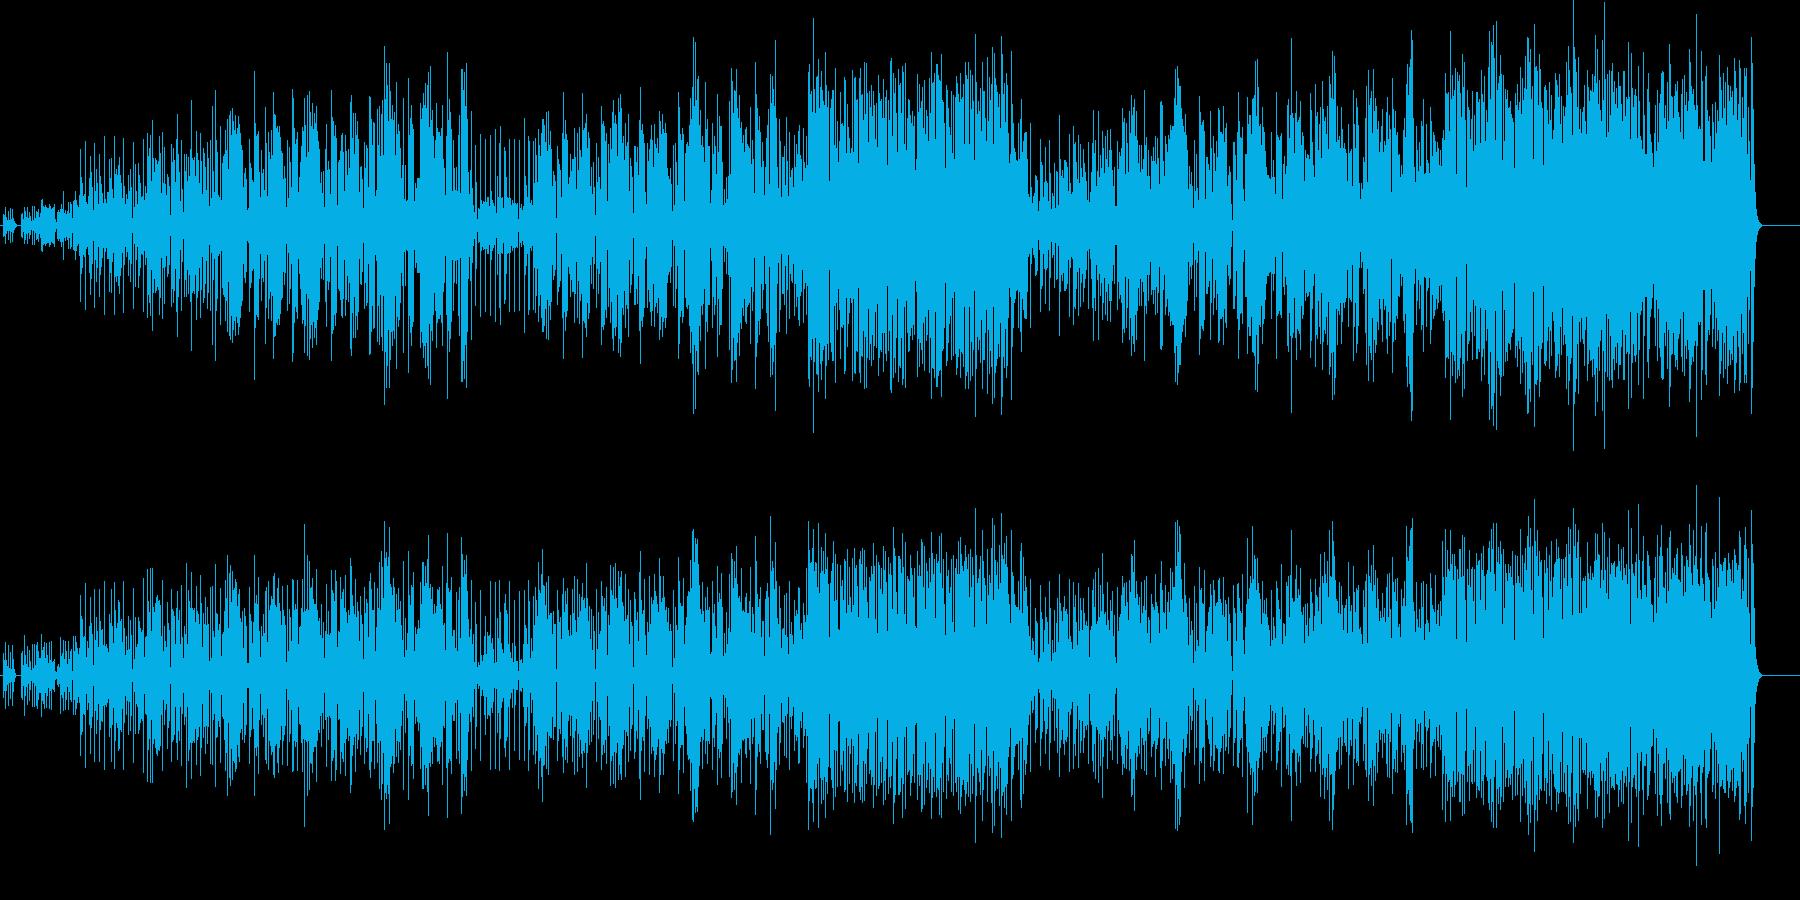 異色を放つファンキーなブラスメロサウンドの再生済みの波形